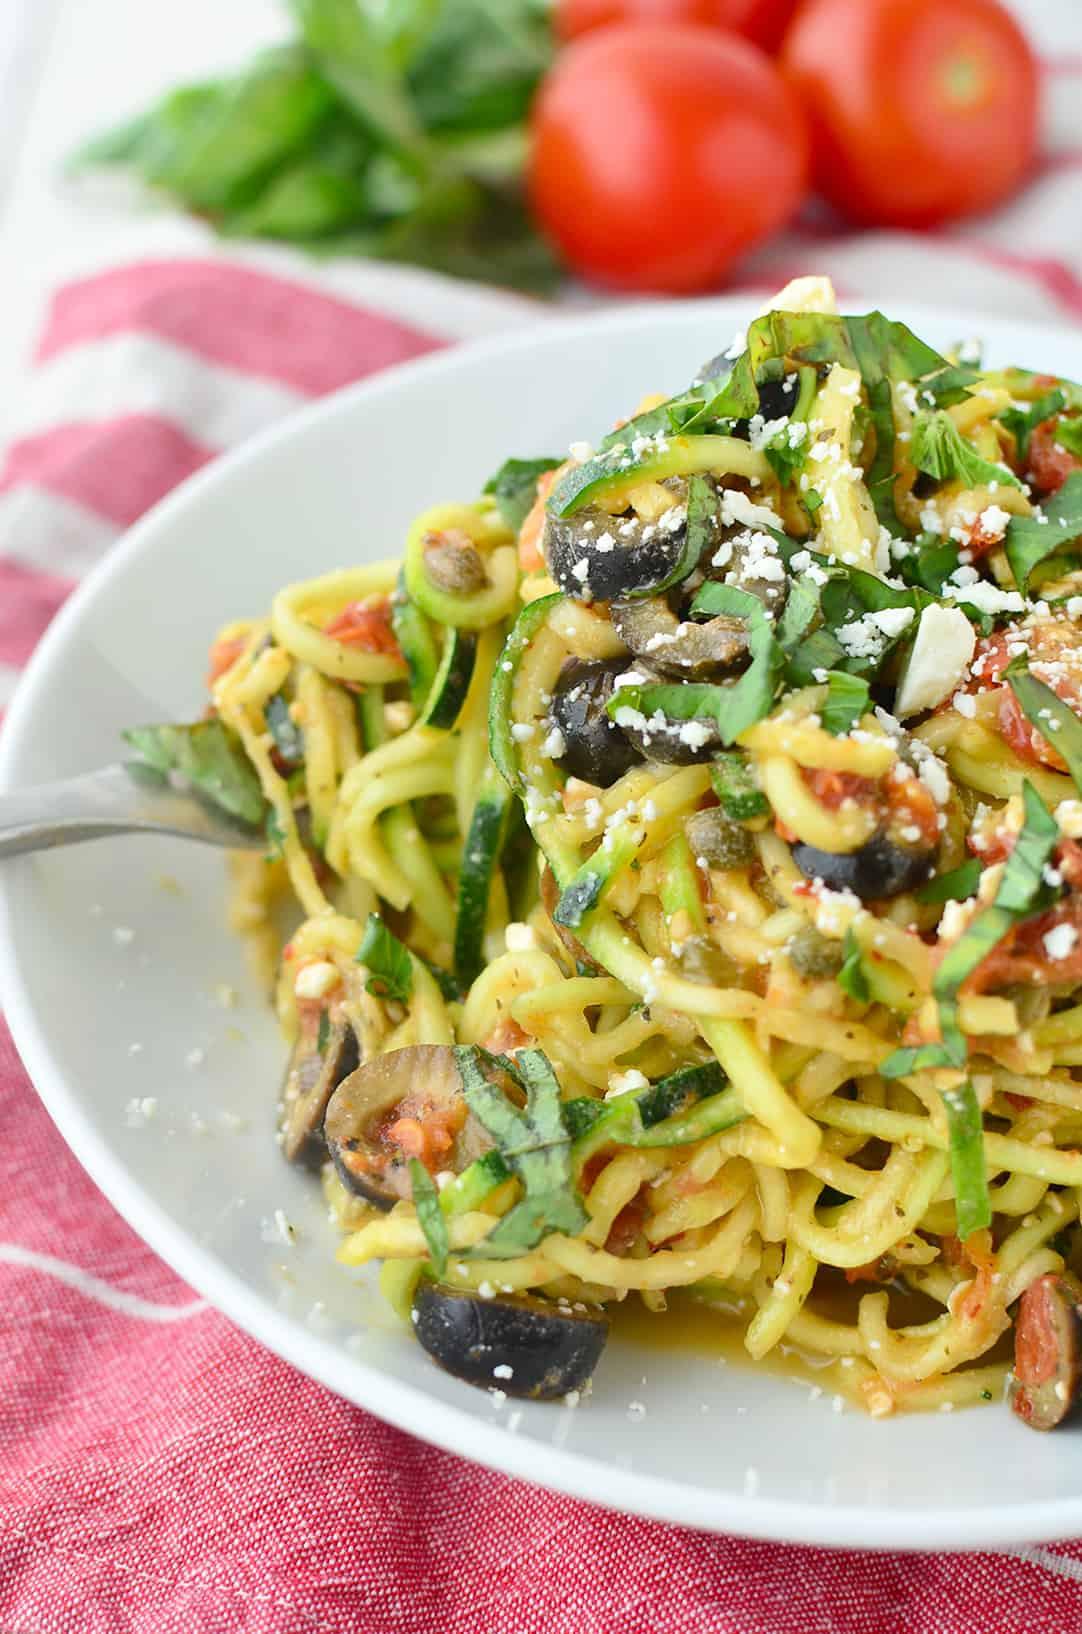 Mediterranean Vegetarian Diet  Mediterranean Zucchini Noodles Delish Knowledge